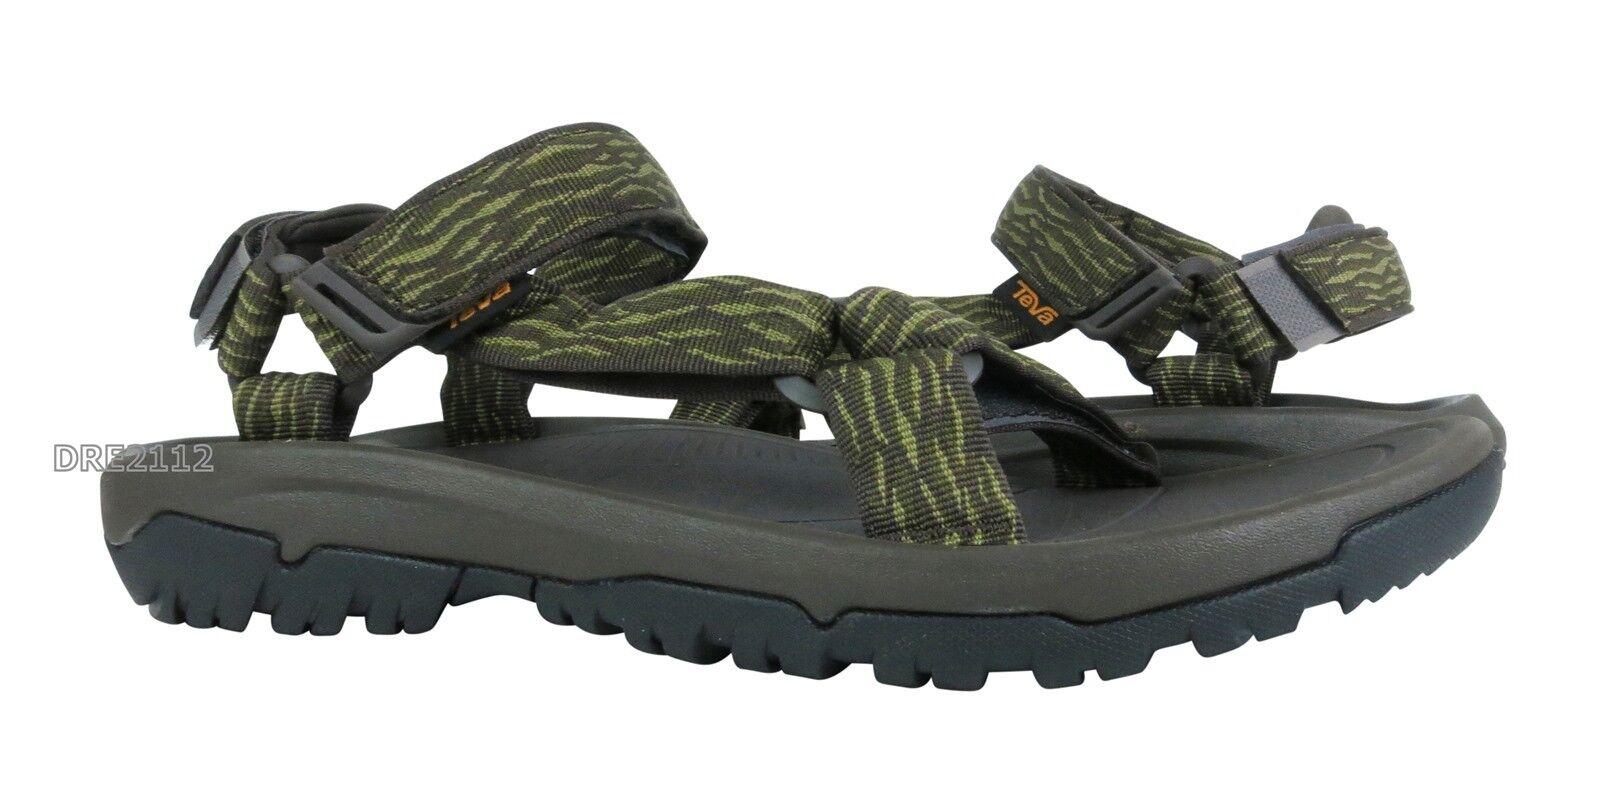 49ef2b4d9cef Teva Hurricane XLT 2 Rapids Black Olive Olive Olive Sandals Mens Size 12   NIB